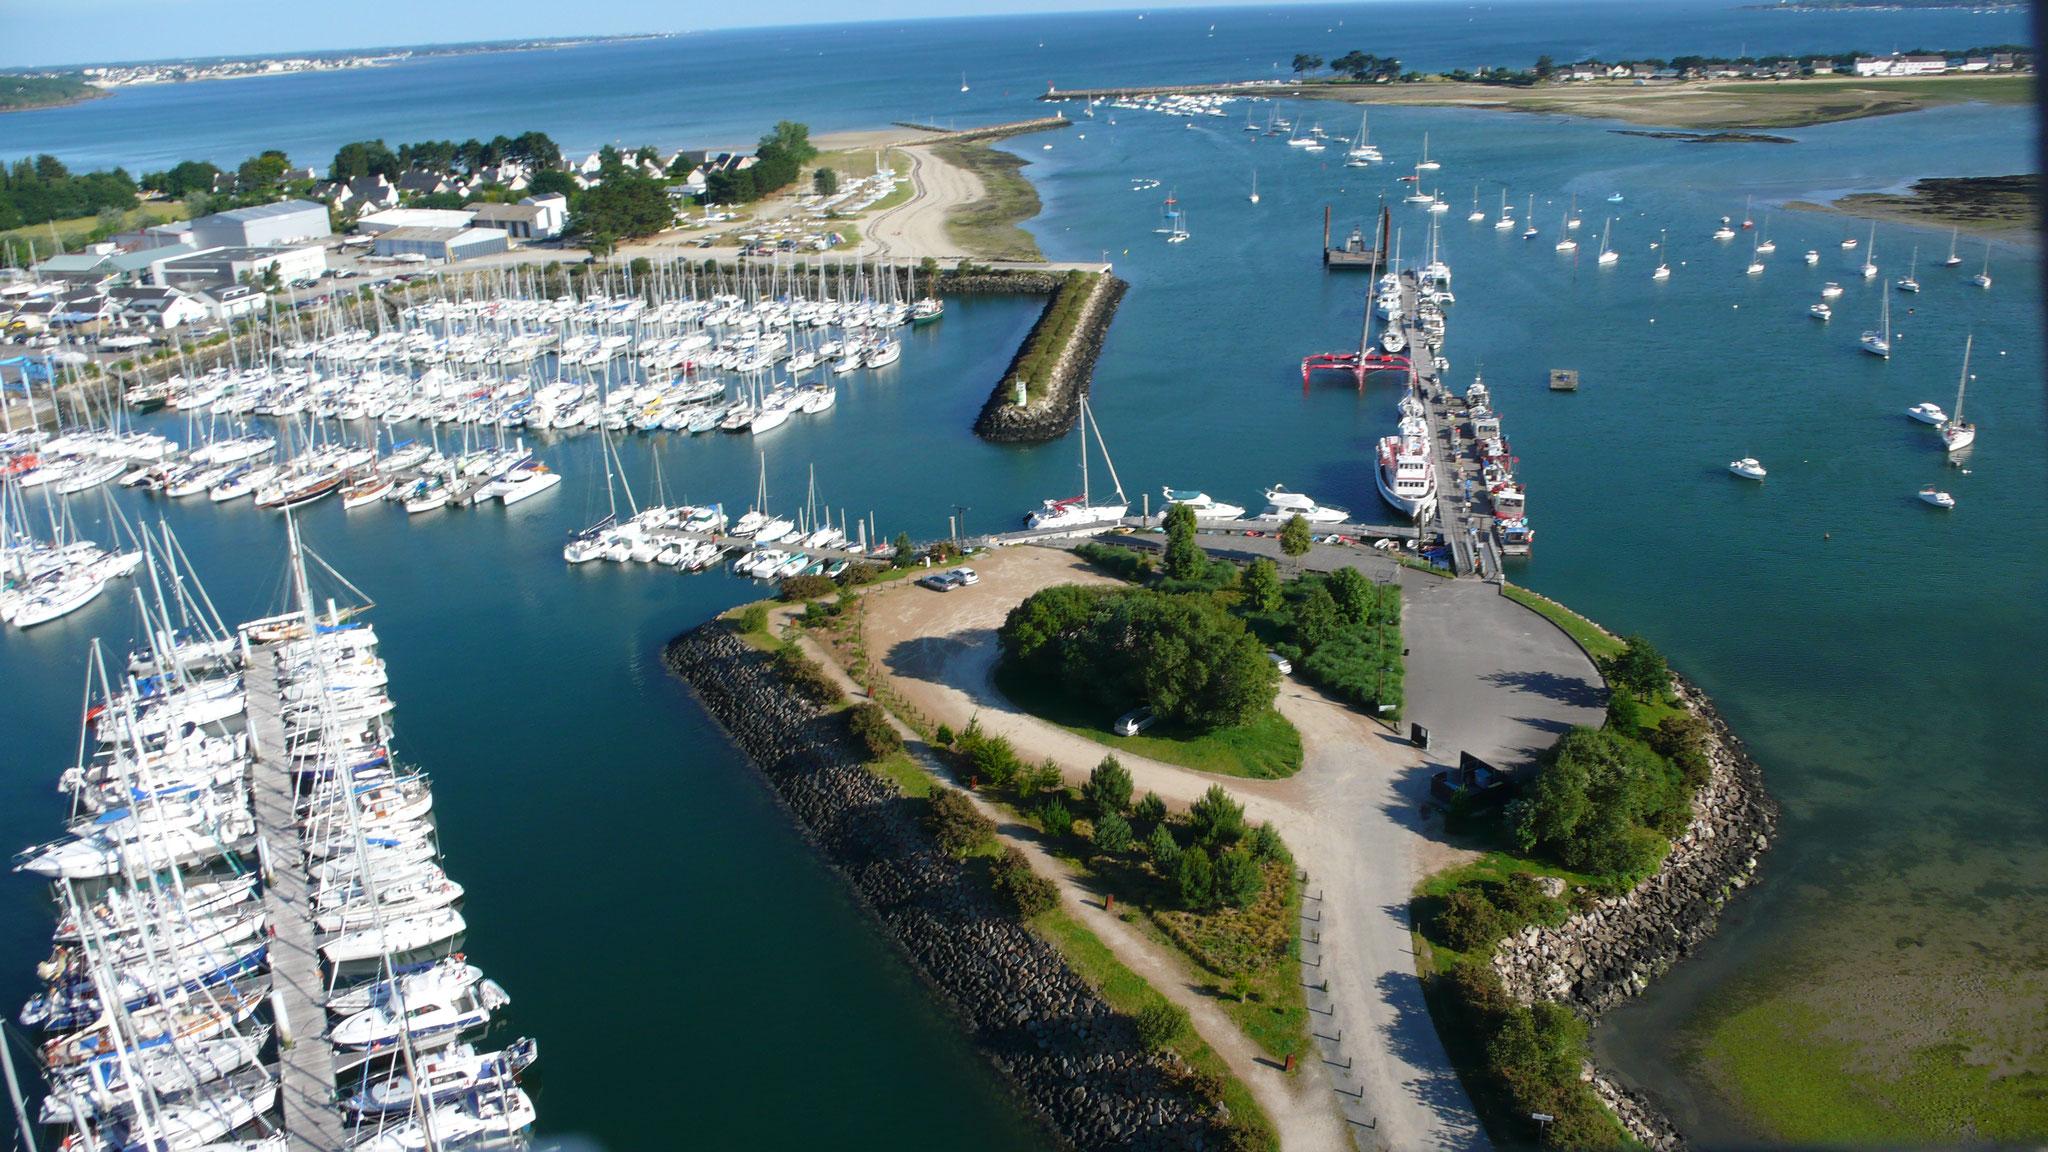 Port la Foret avec vue sur la baie (photo Ronan Quéméré)